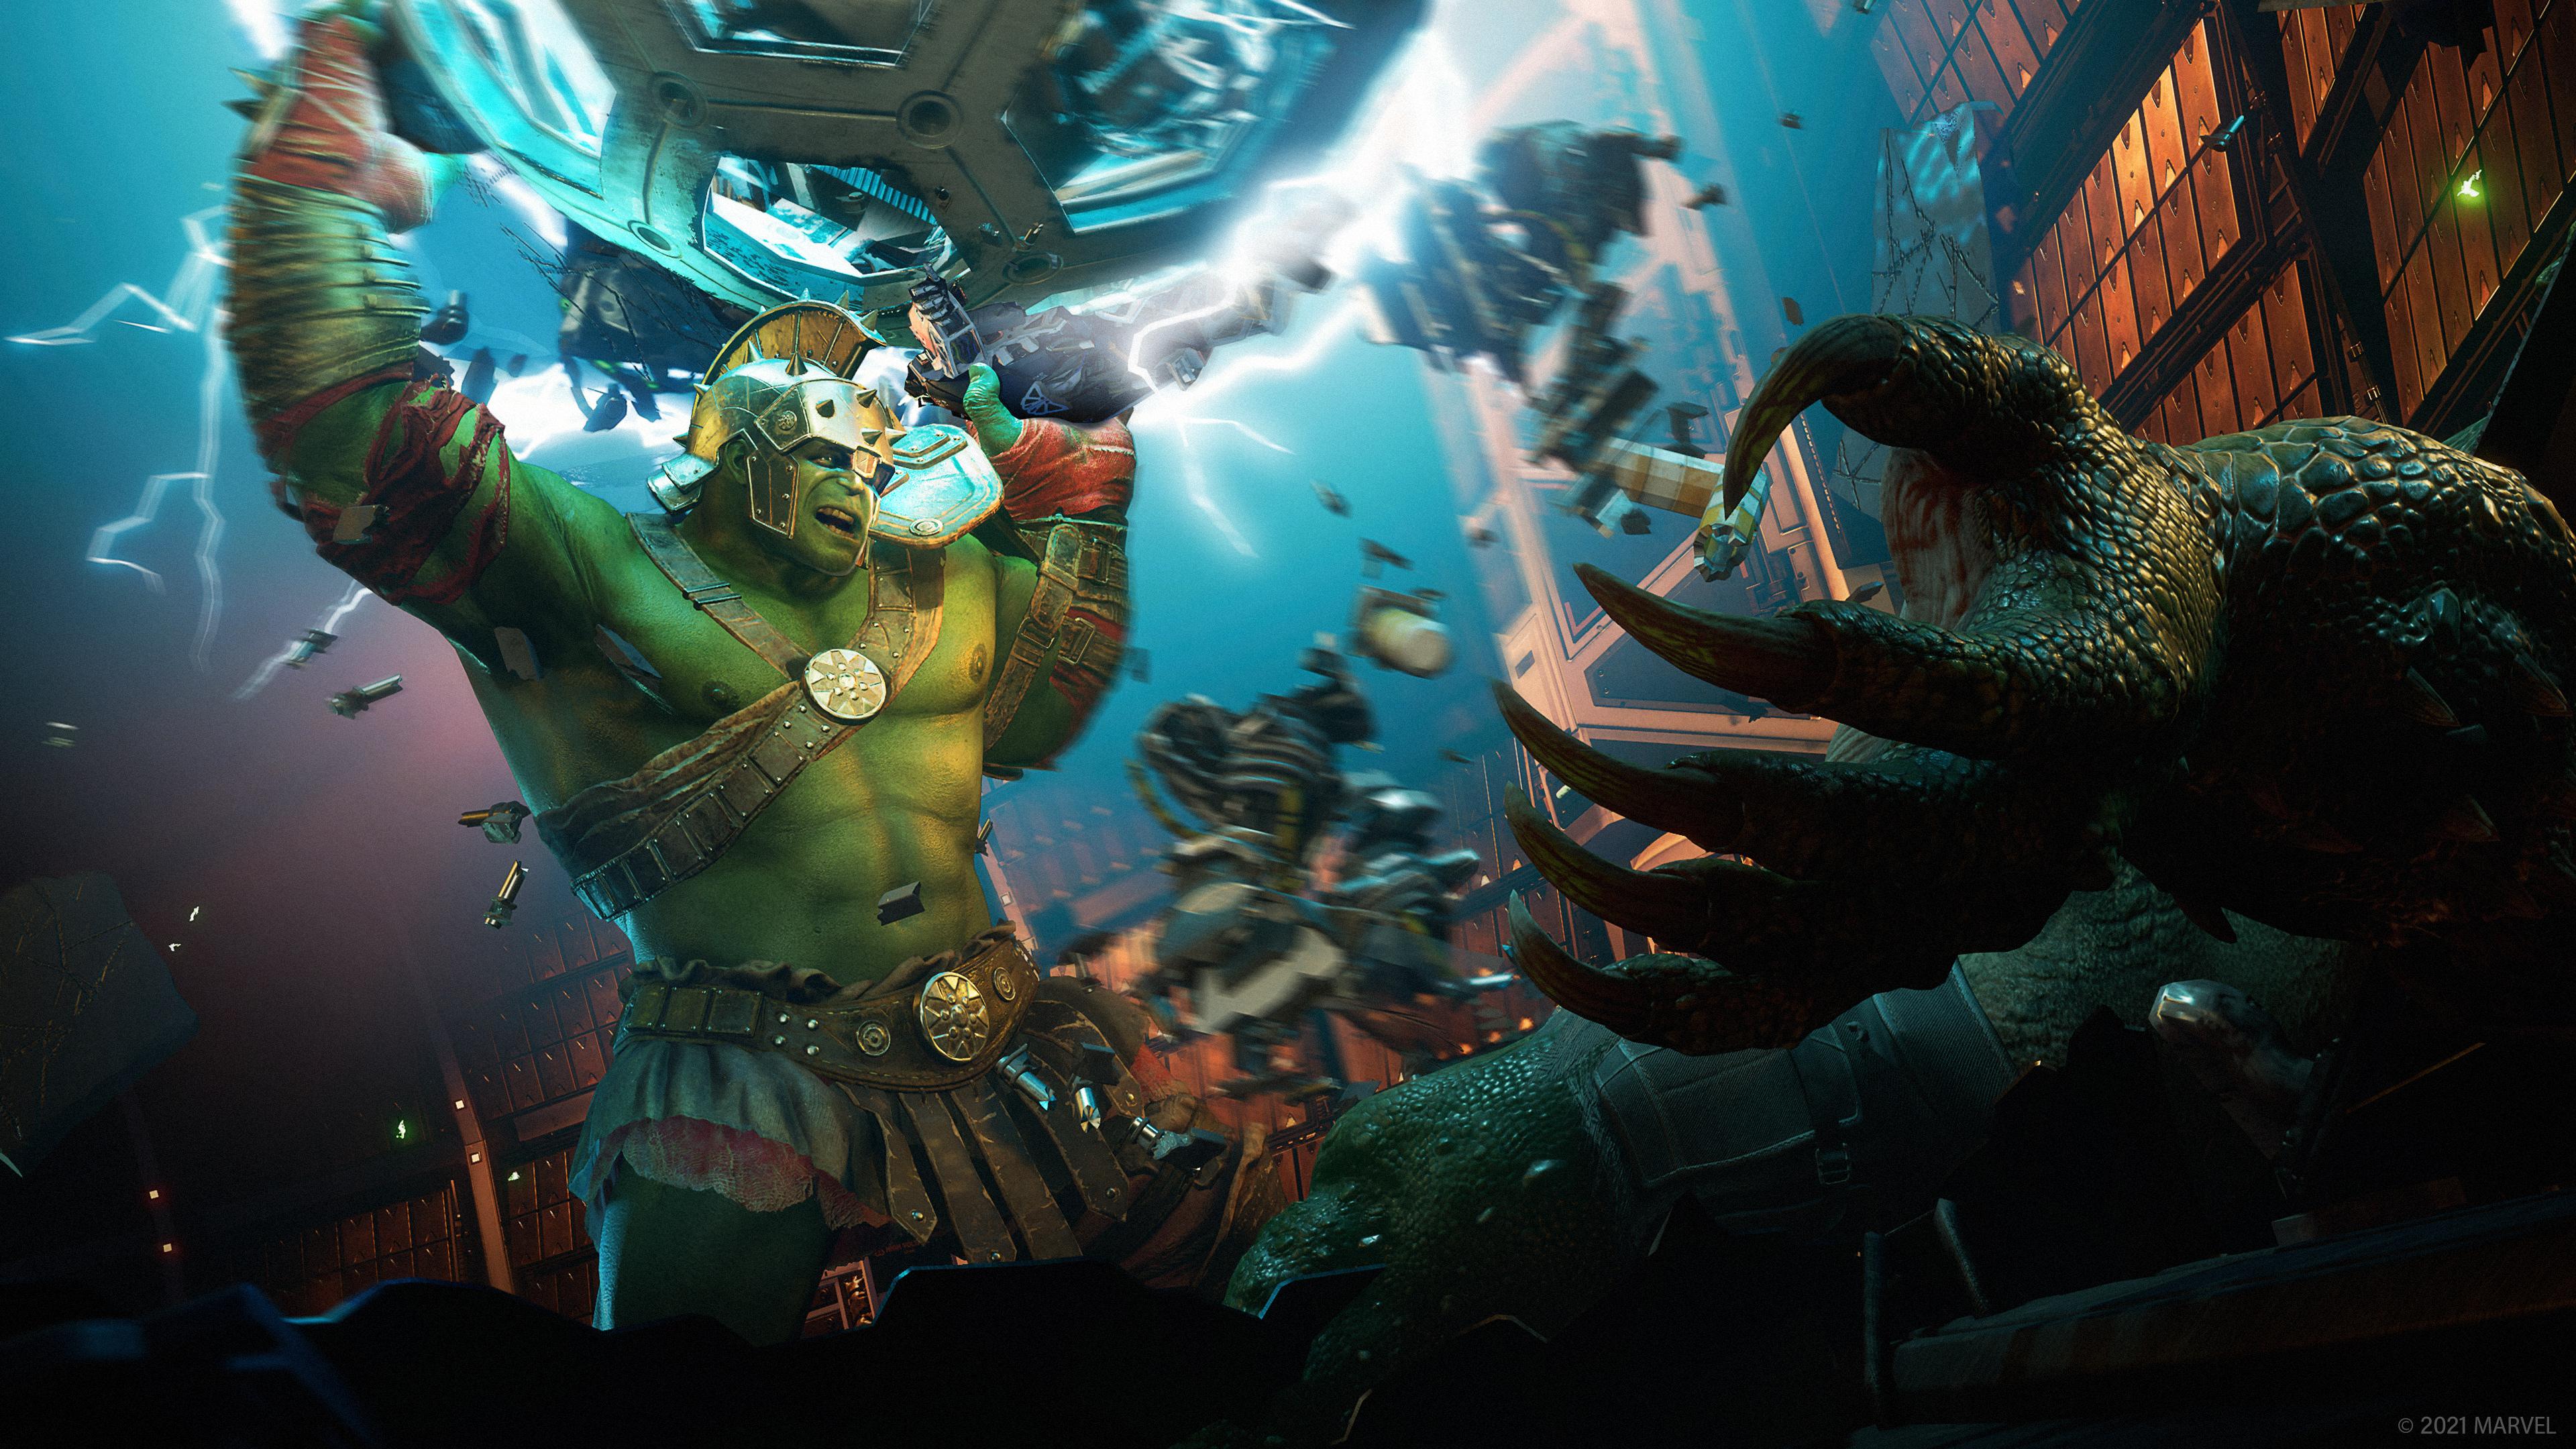 Скриншот №3 к «Мстители Marvel» издание «Финал»